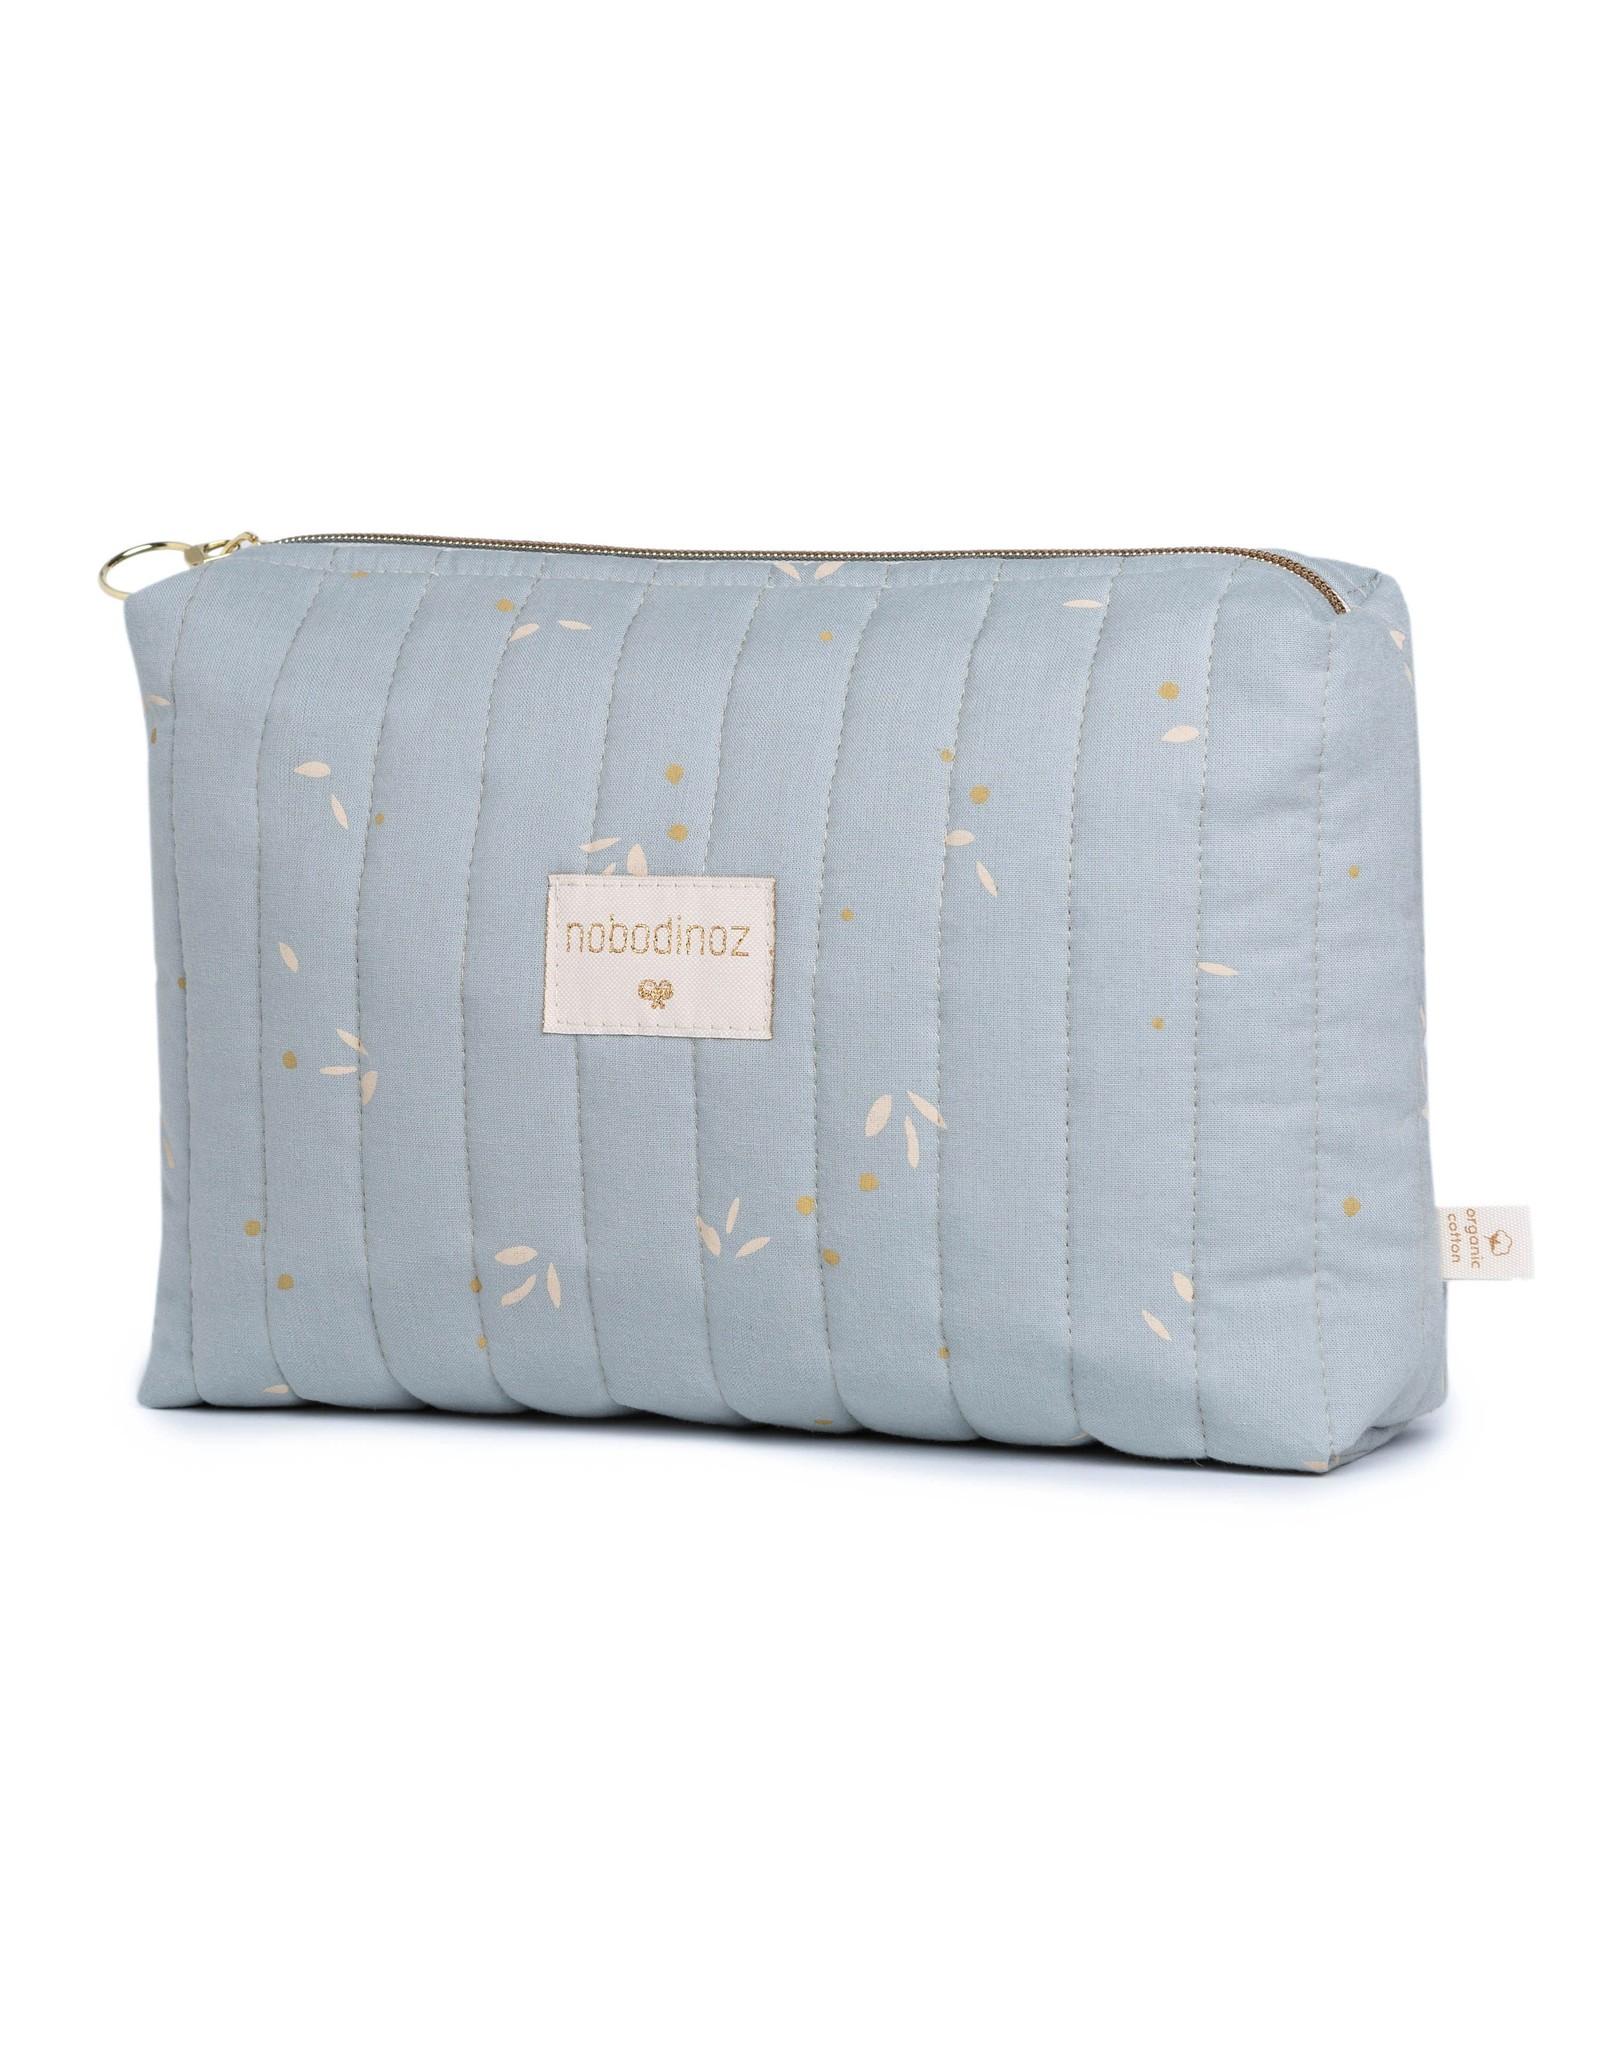 nobodinoz Trousse de toilette TRAVEL Willow Soft Blue